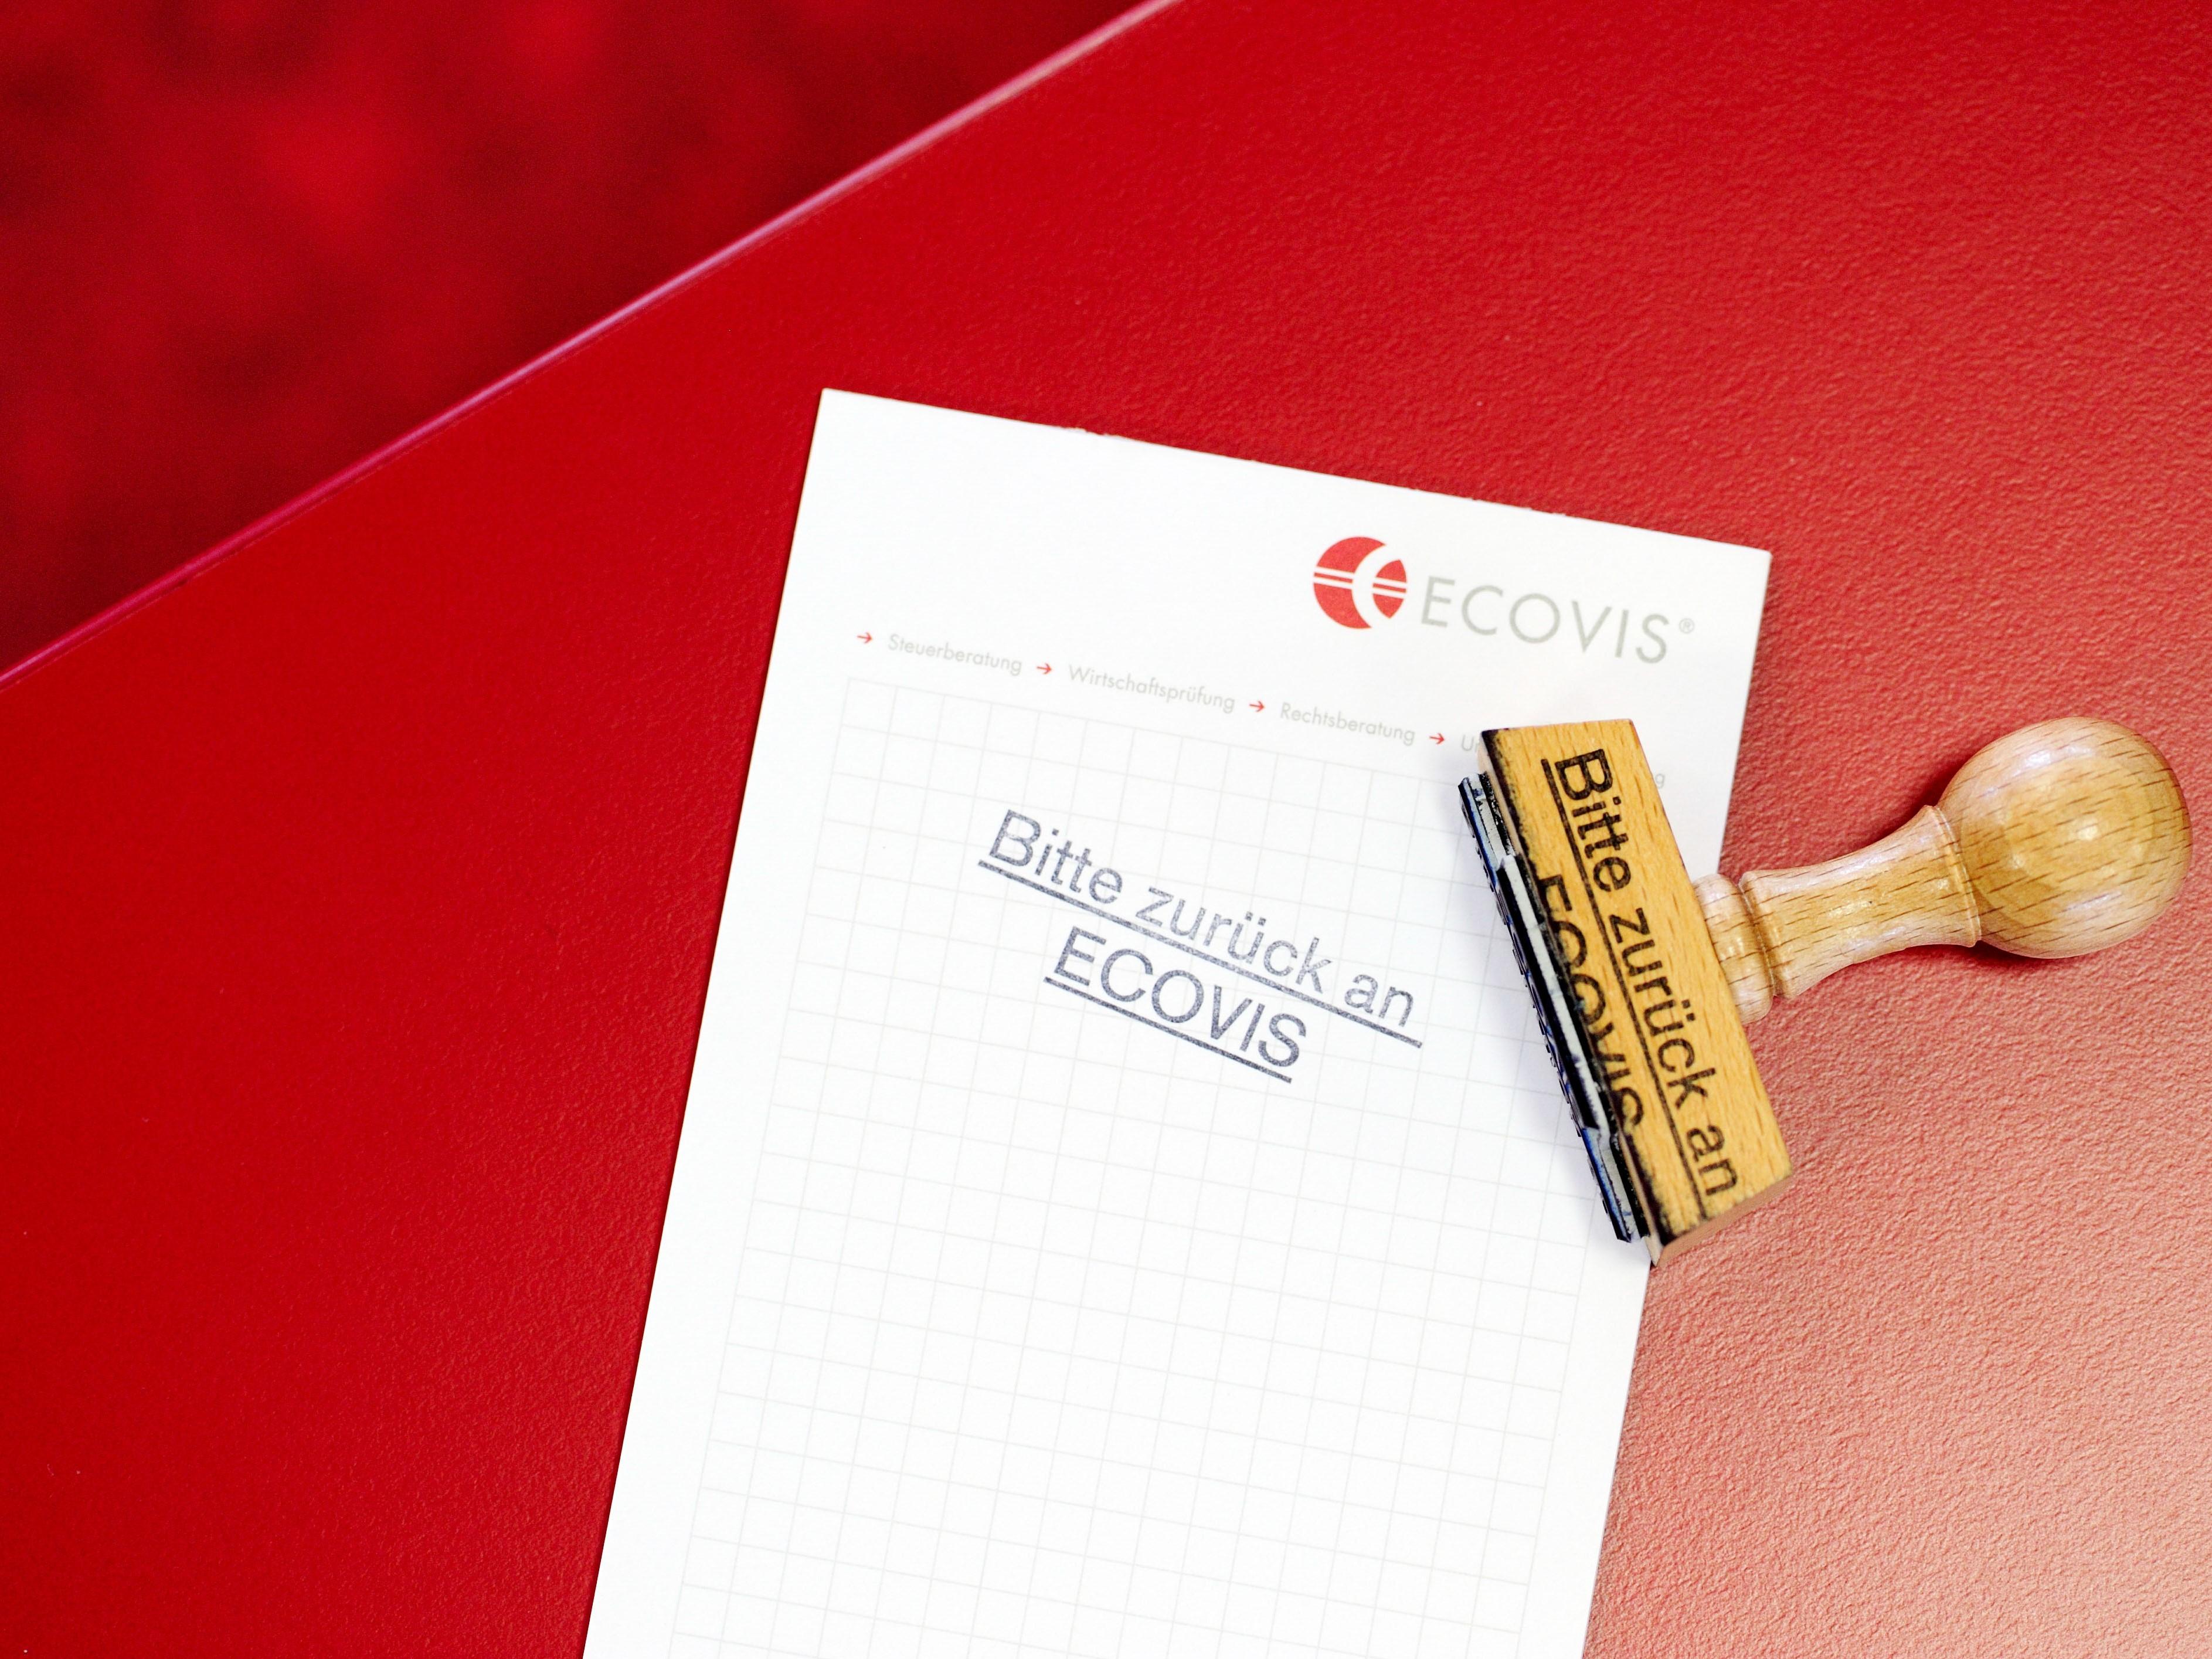 ECOVIS ježek podmínky užití elektronických a dynamických biometrických podpisů